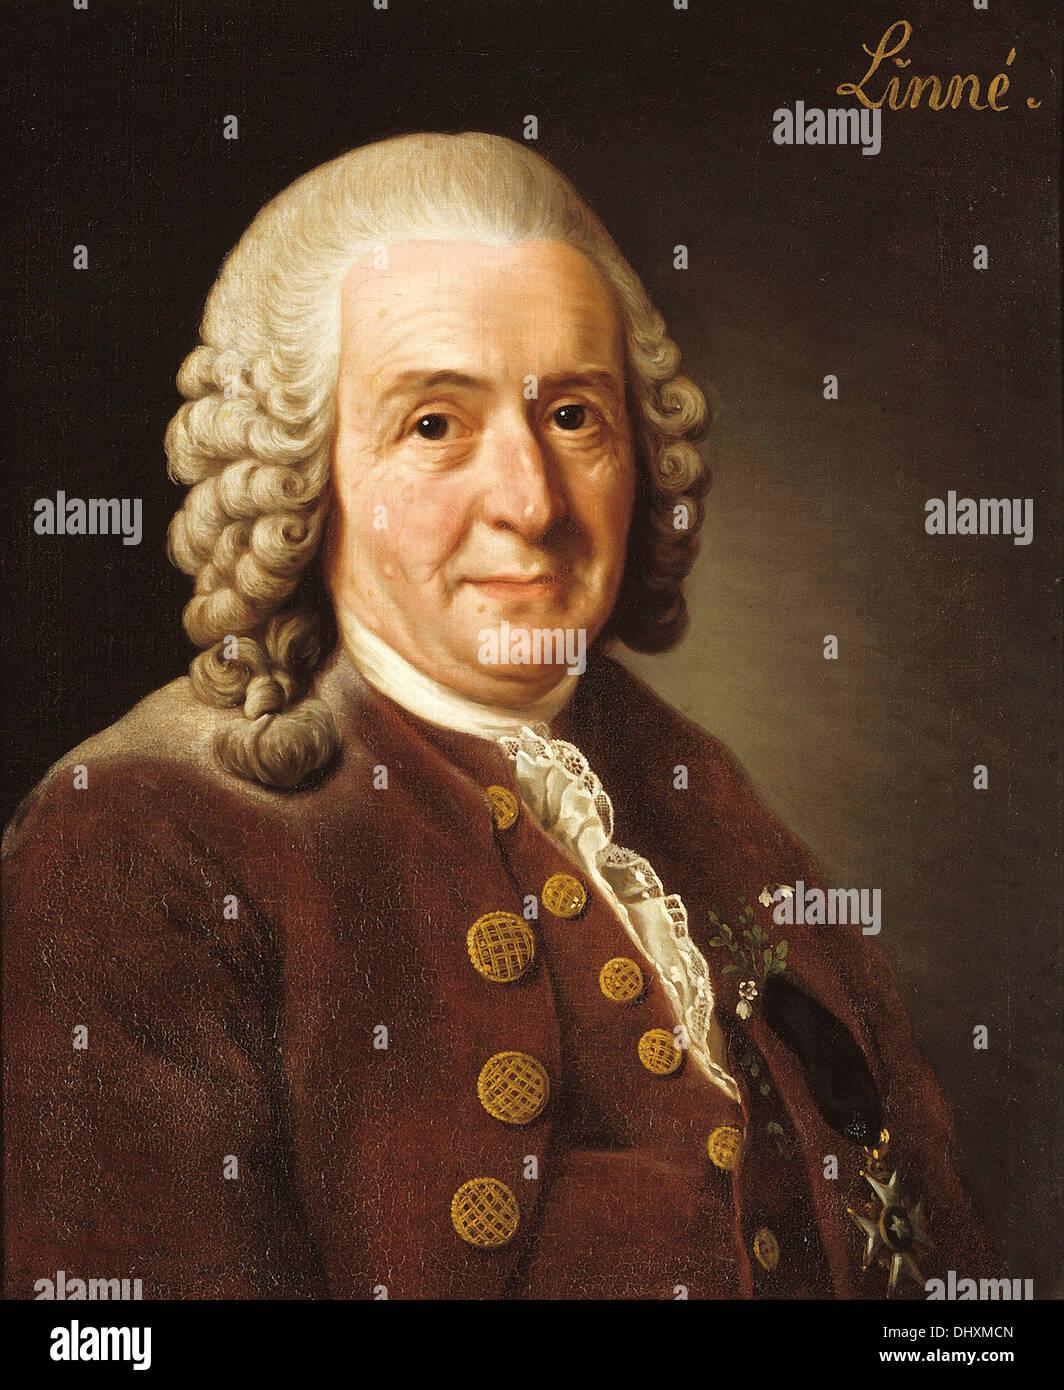 Carl Linnaeus (  Carl von Linné ) - by Alexander Roslin, 1775 - Stock Image